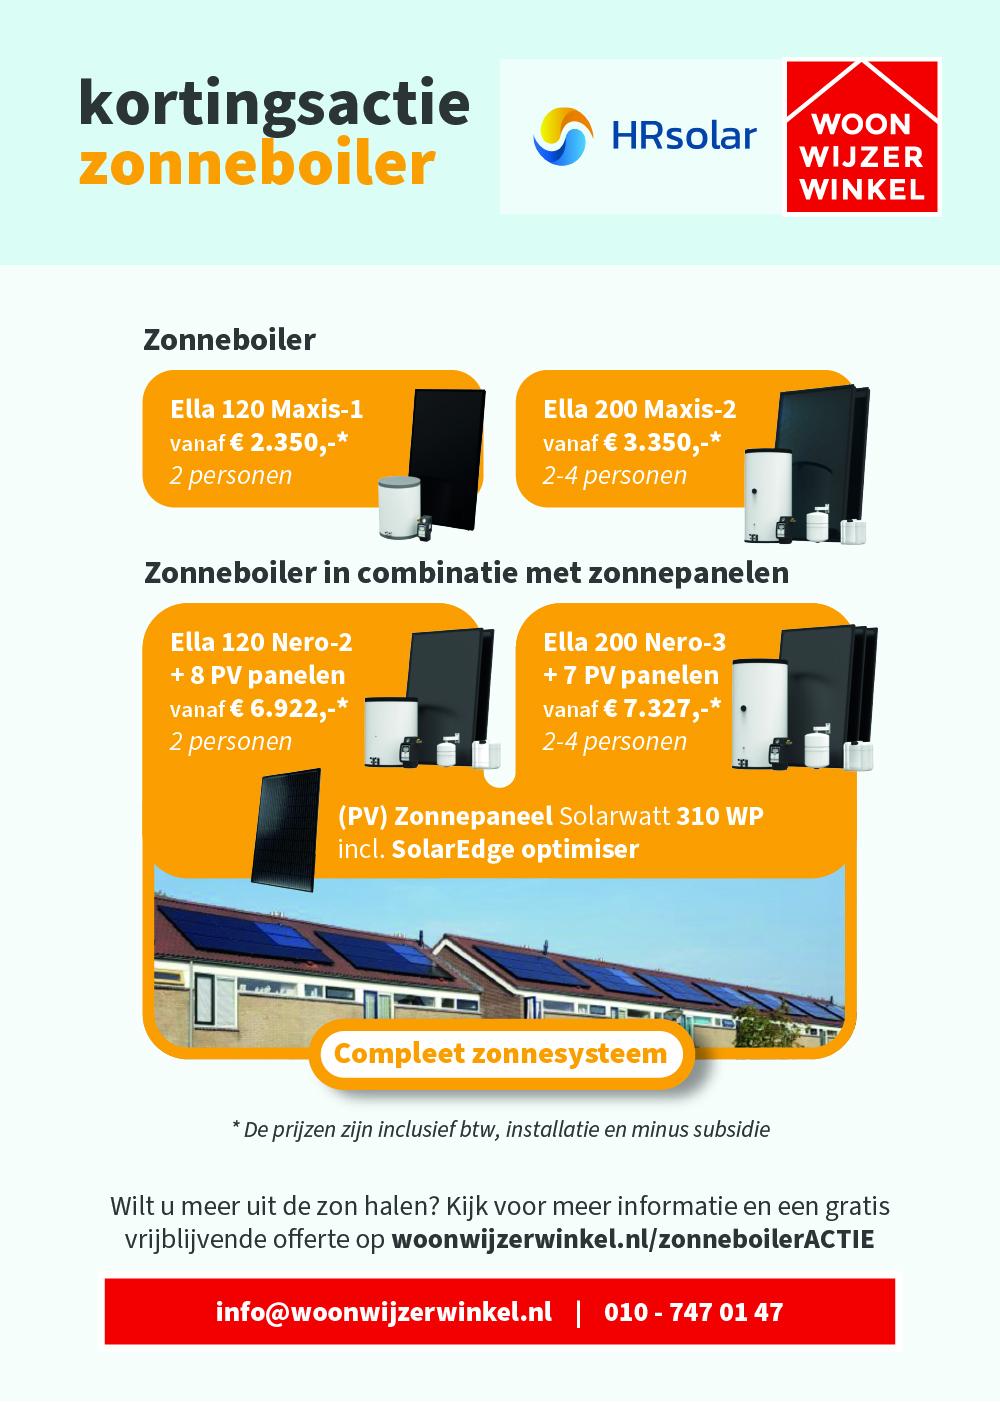 ZonneboilerACTIE - Flyer back